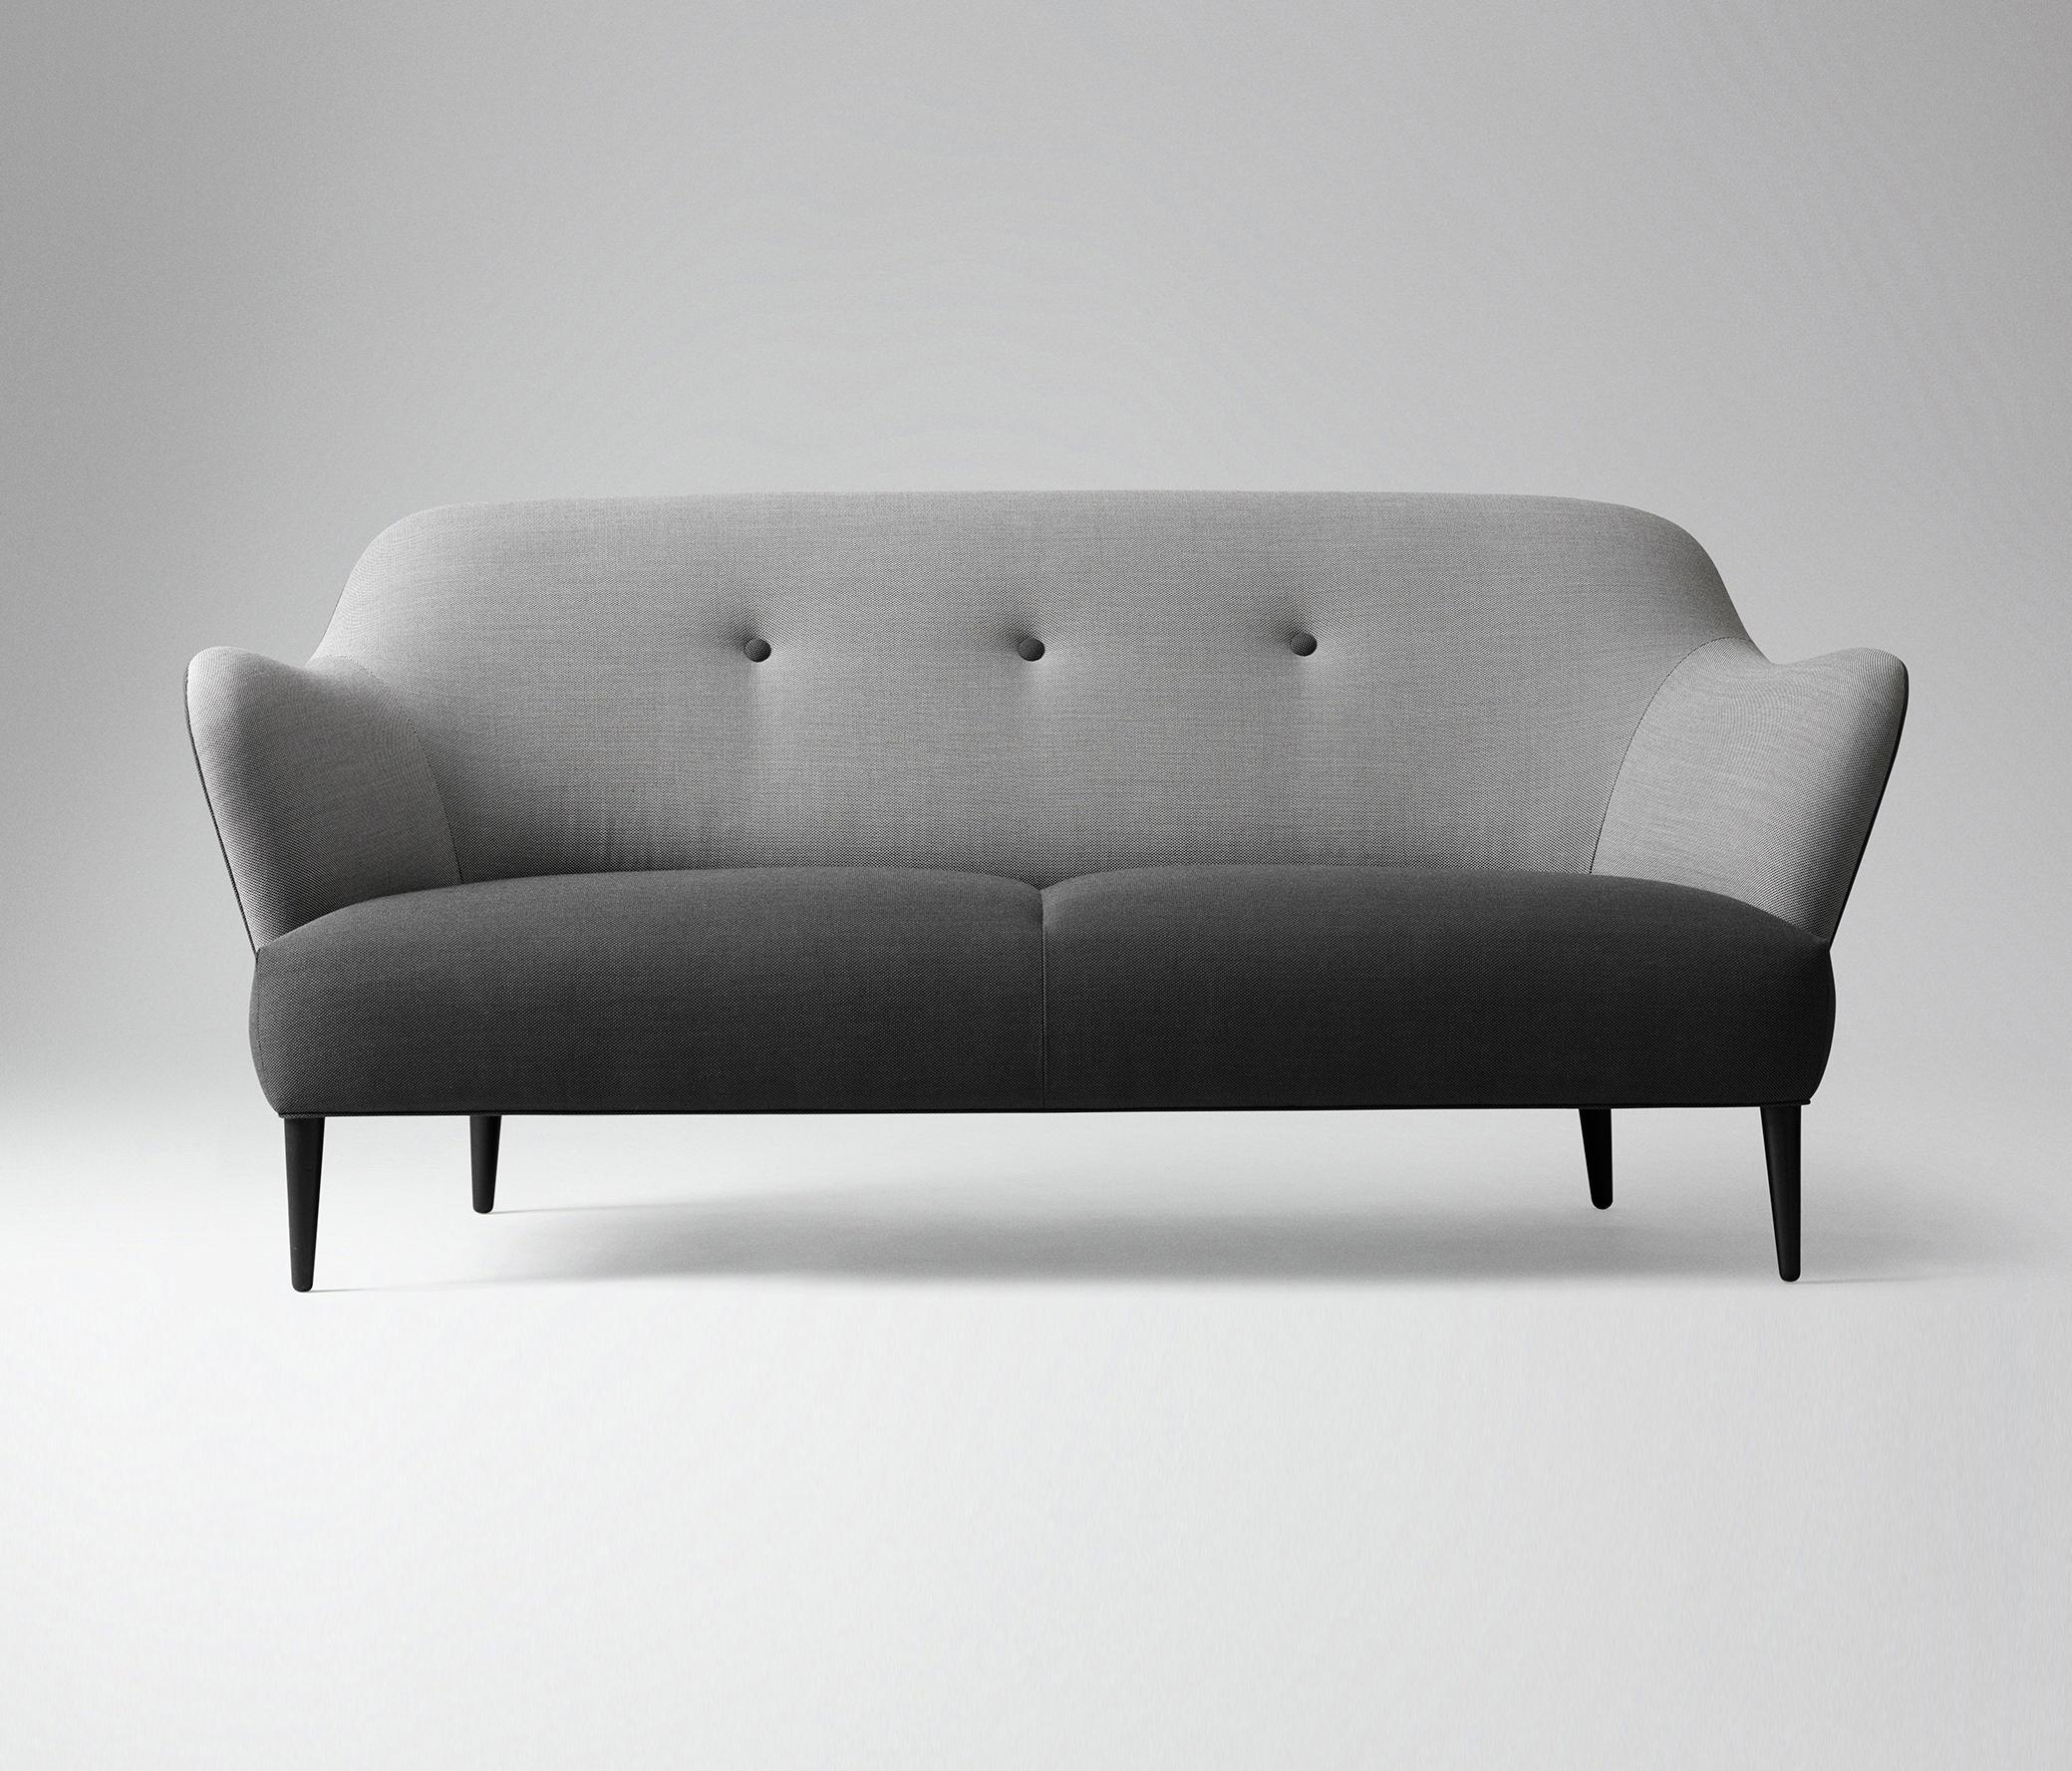 Retro By Won Design Sofas